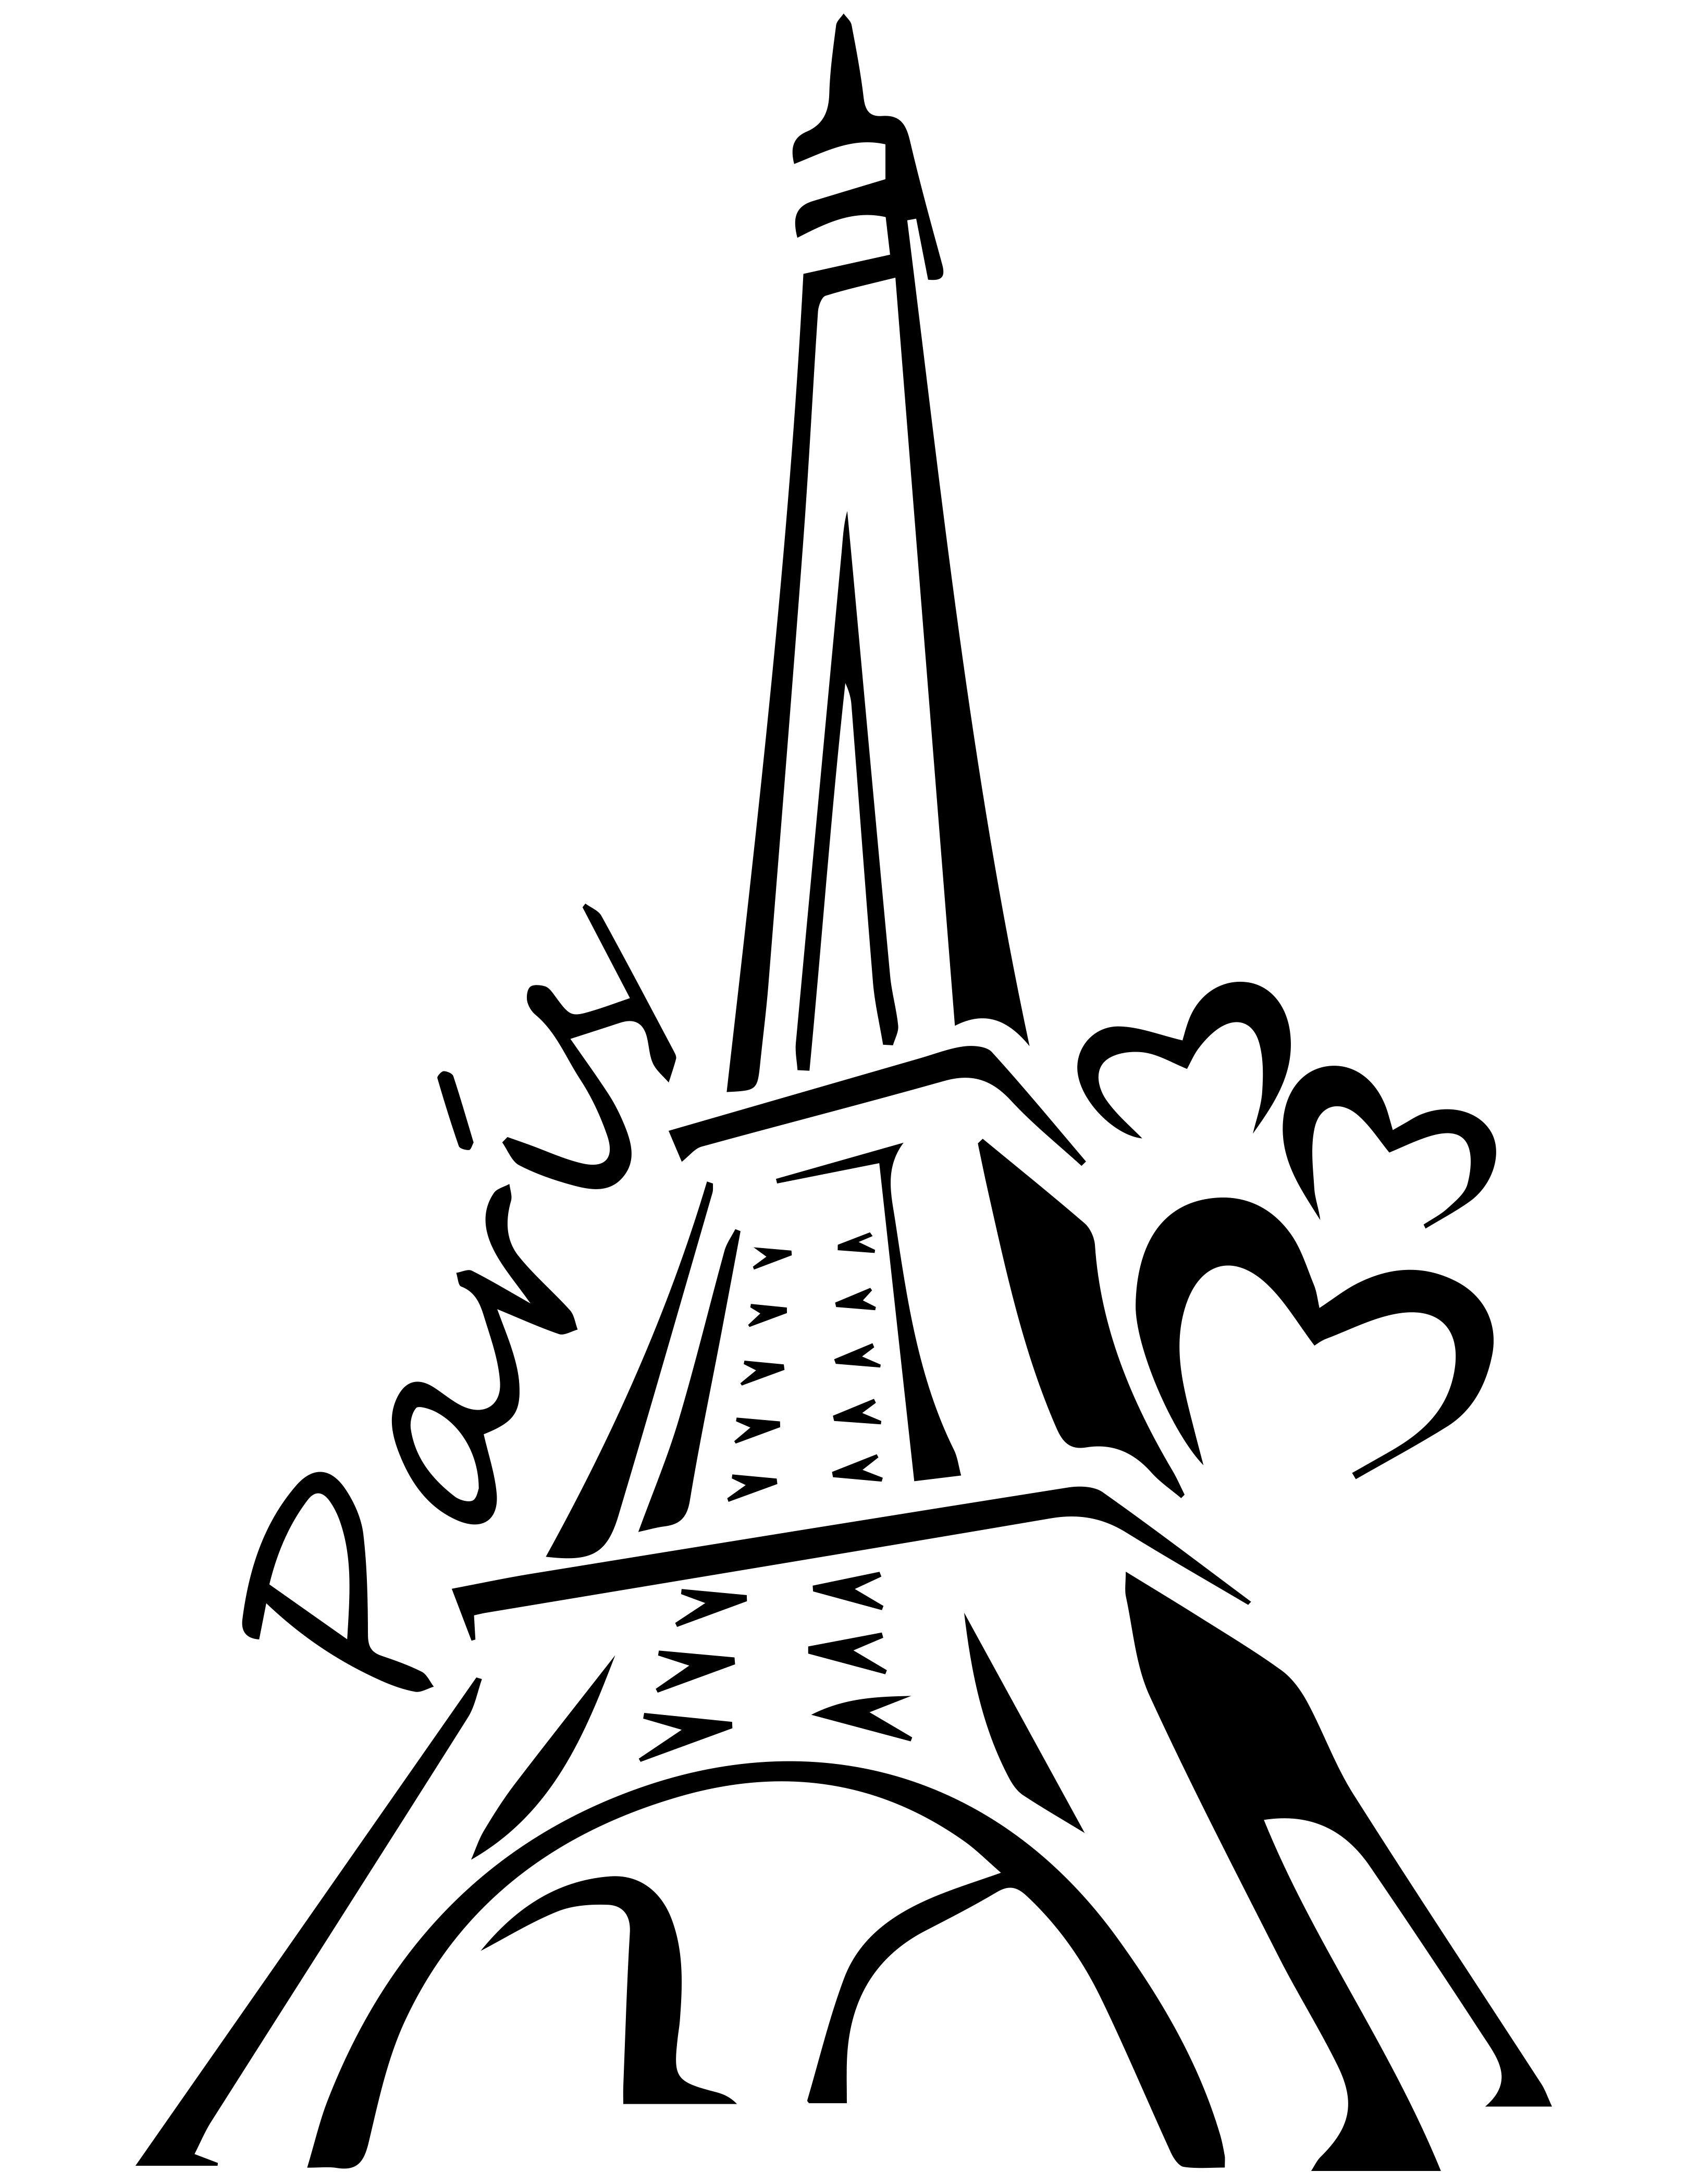 Quieres Esta Imagen En Vectores Editable Escribenos A Nuestro Correo Para Solicitarla Playerasjoss Gmail Com Y Eiffel Tower Art Paris Silhouette Clip Art